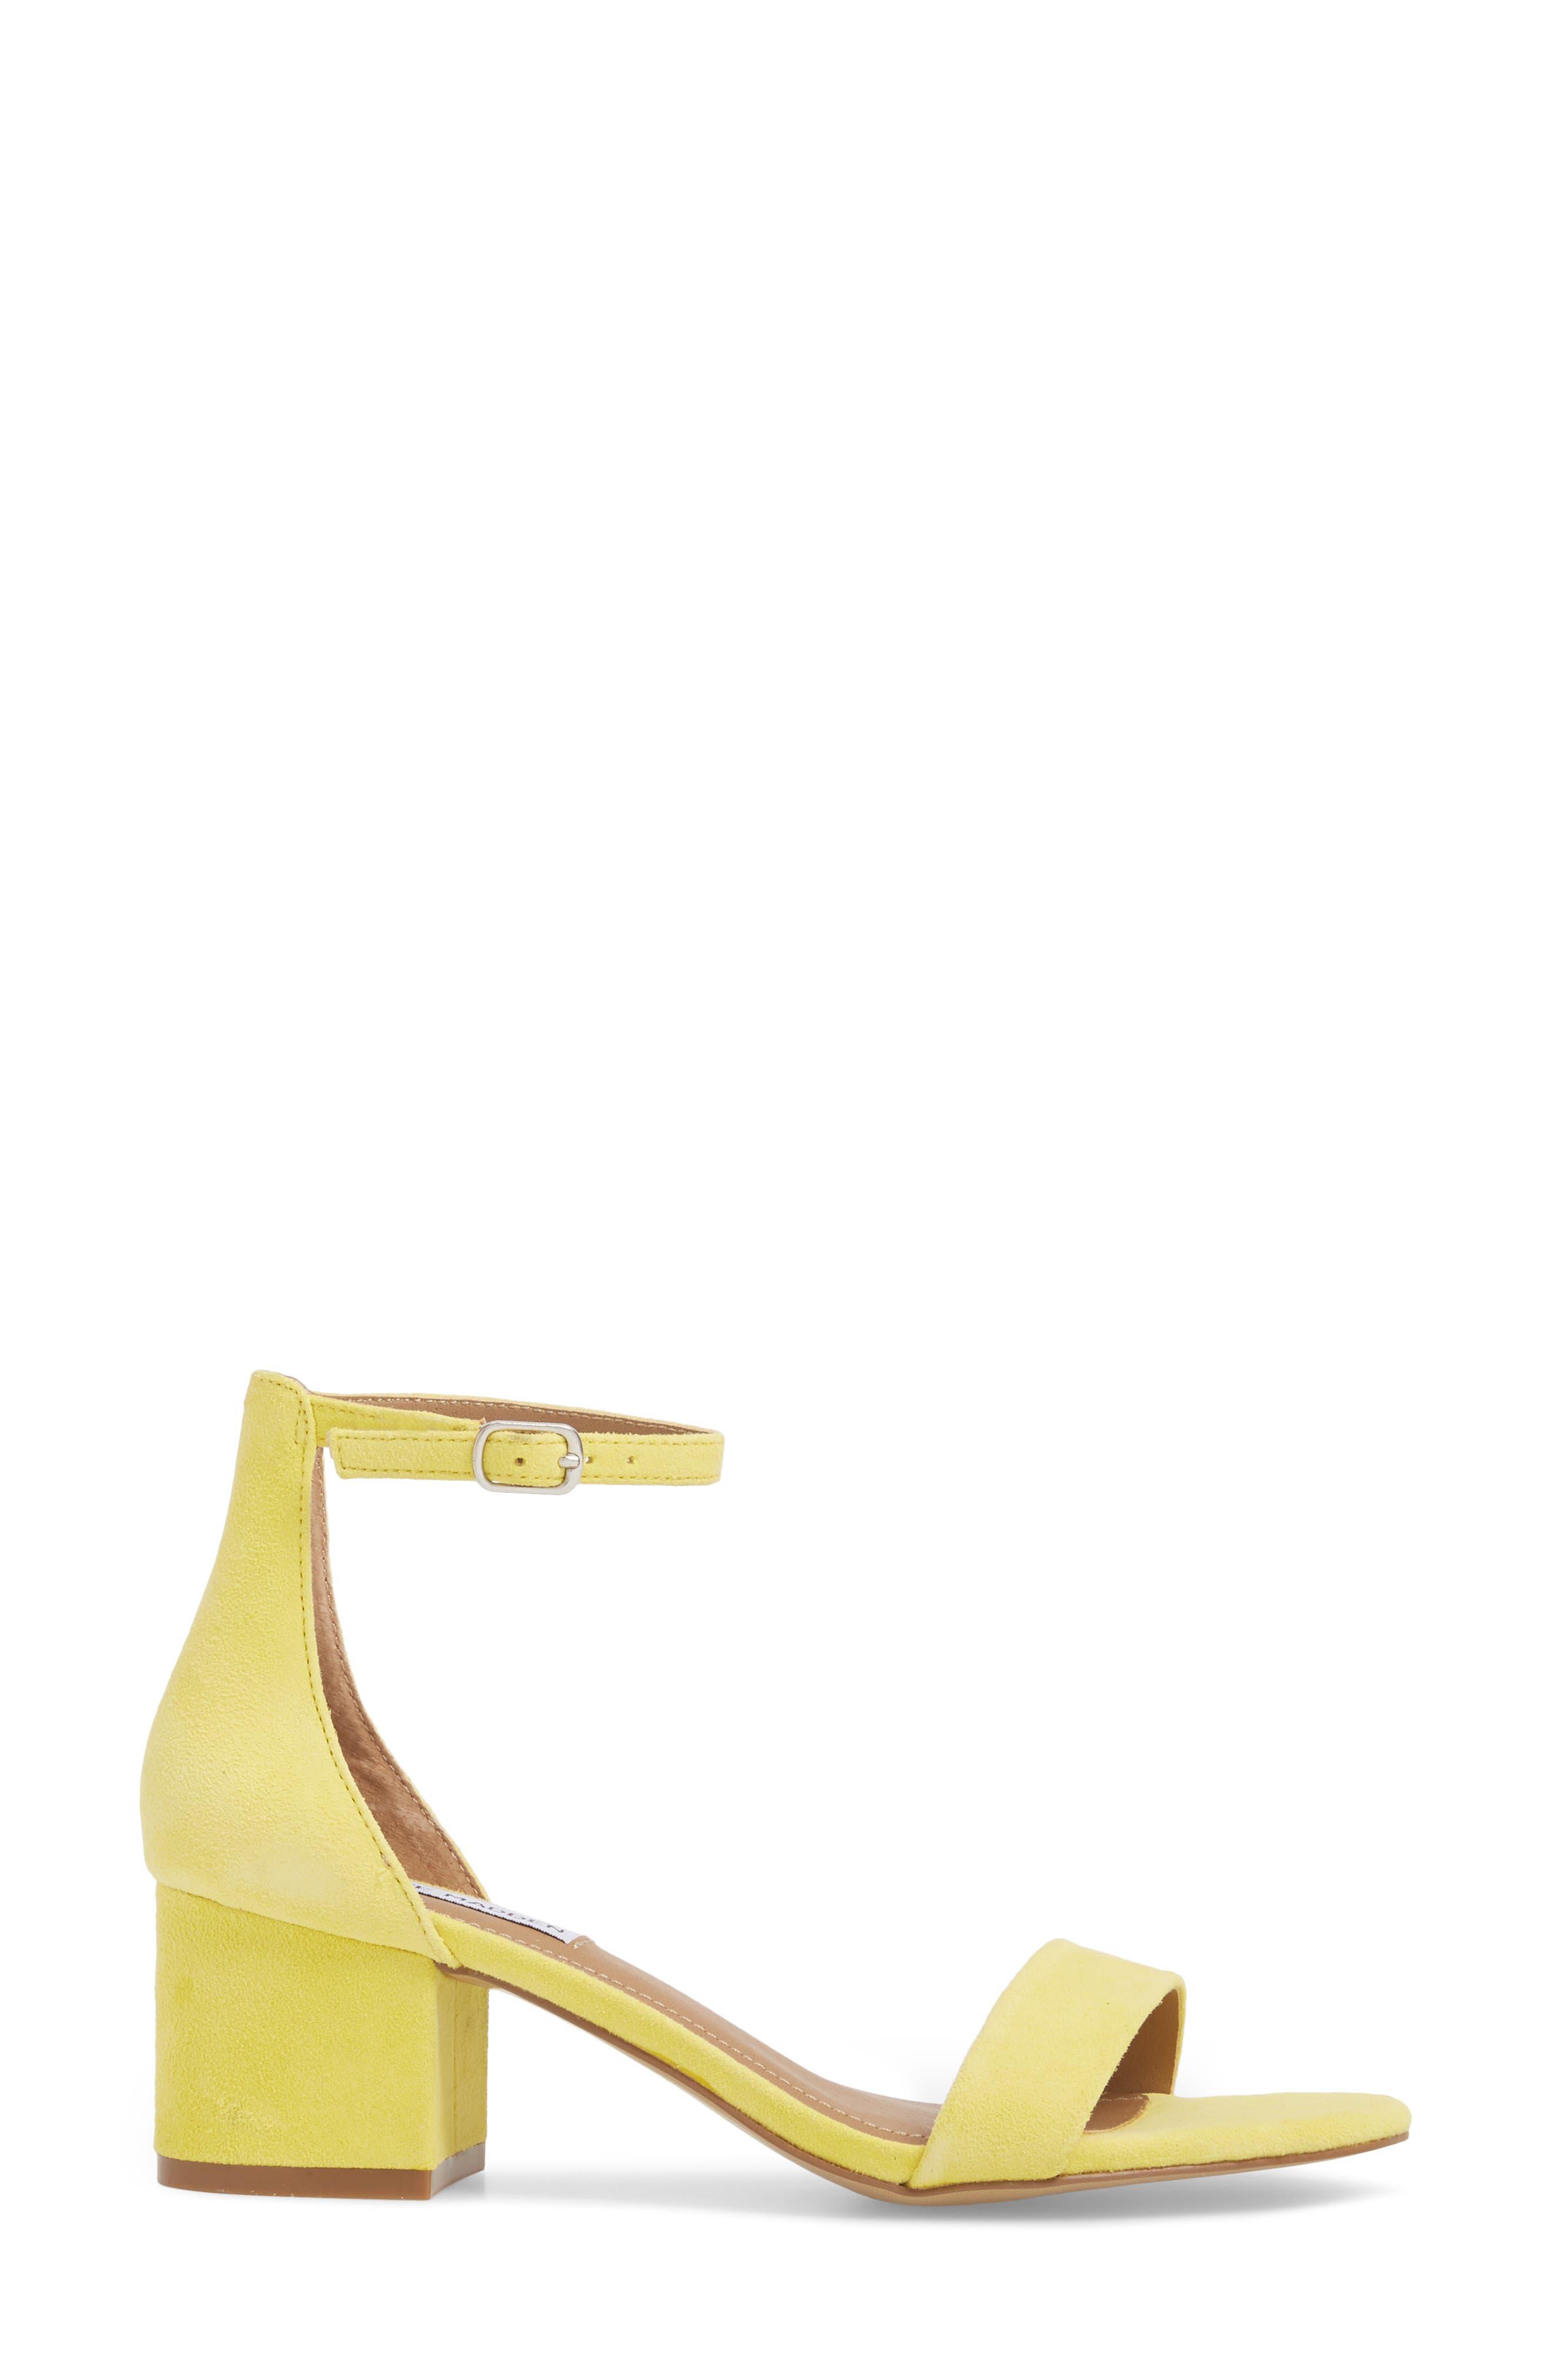 Irenee Ankle Strap Sandal,                             Alternate thumbnail 71, color,